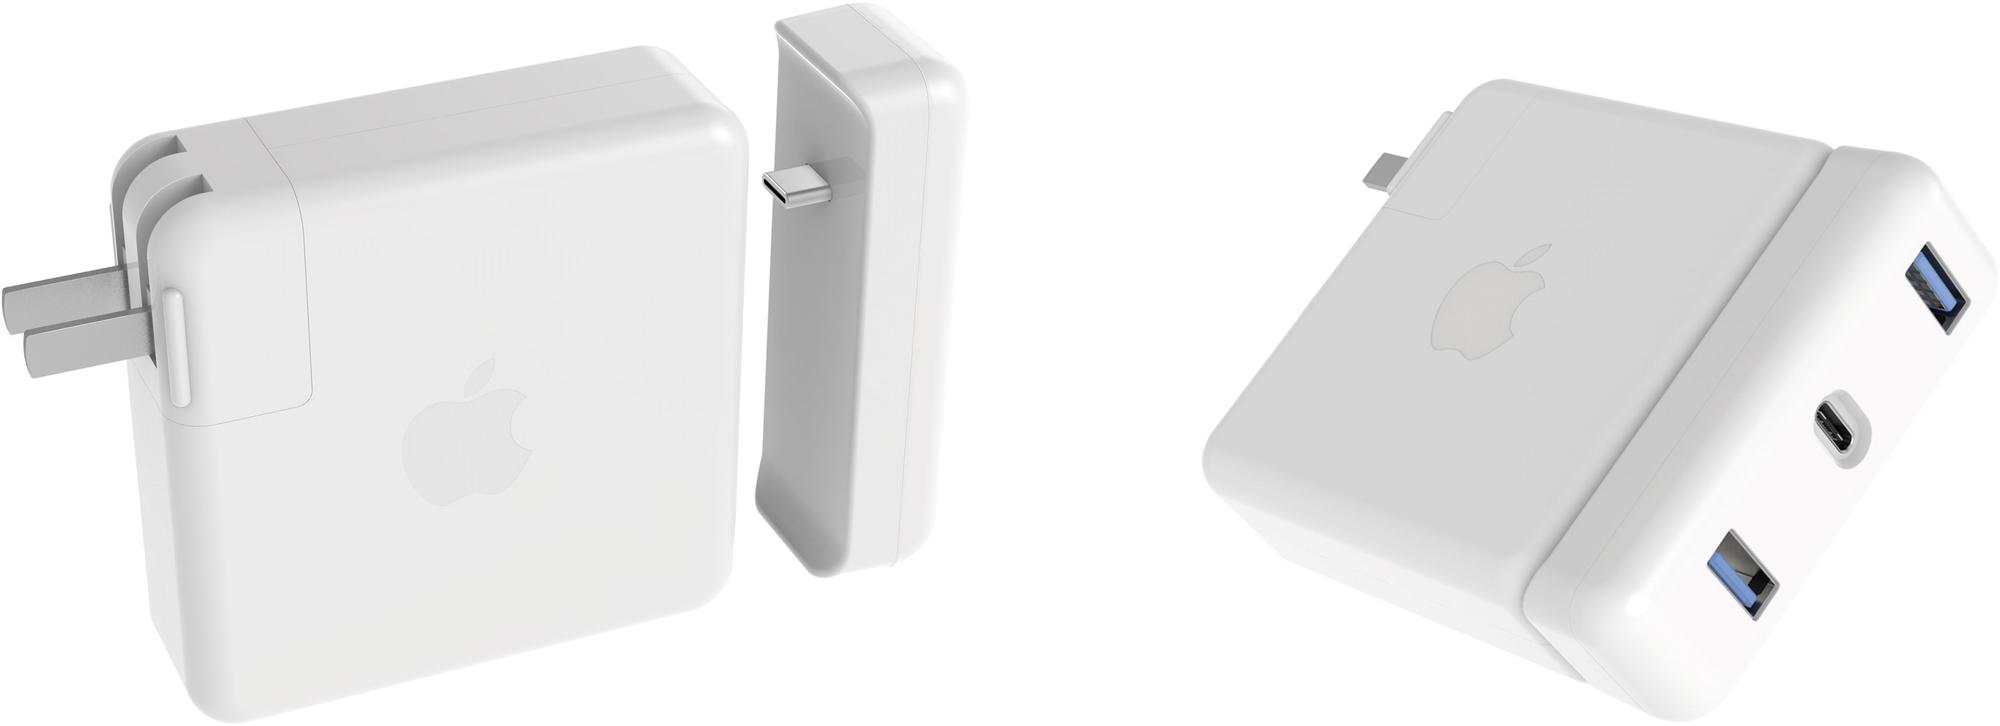 Hub da Hyper para o carregador do MacBook Pro